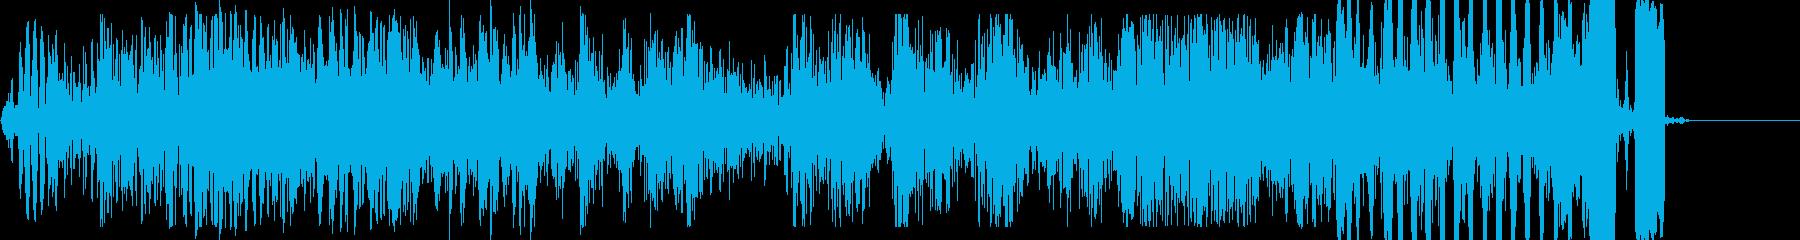 きしみ変化、機械的モーフ、ピッチド...の再生済みの波形